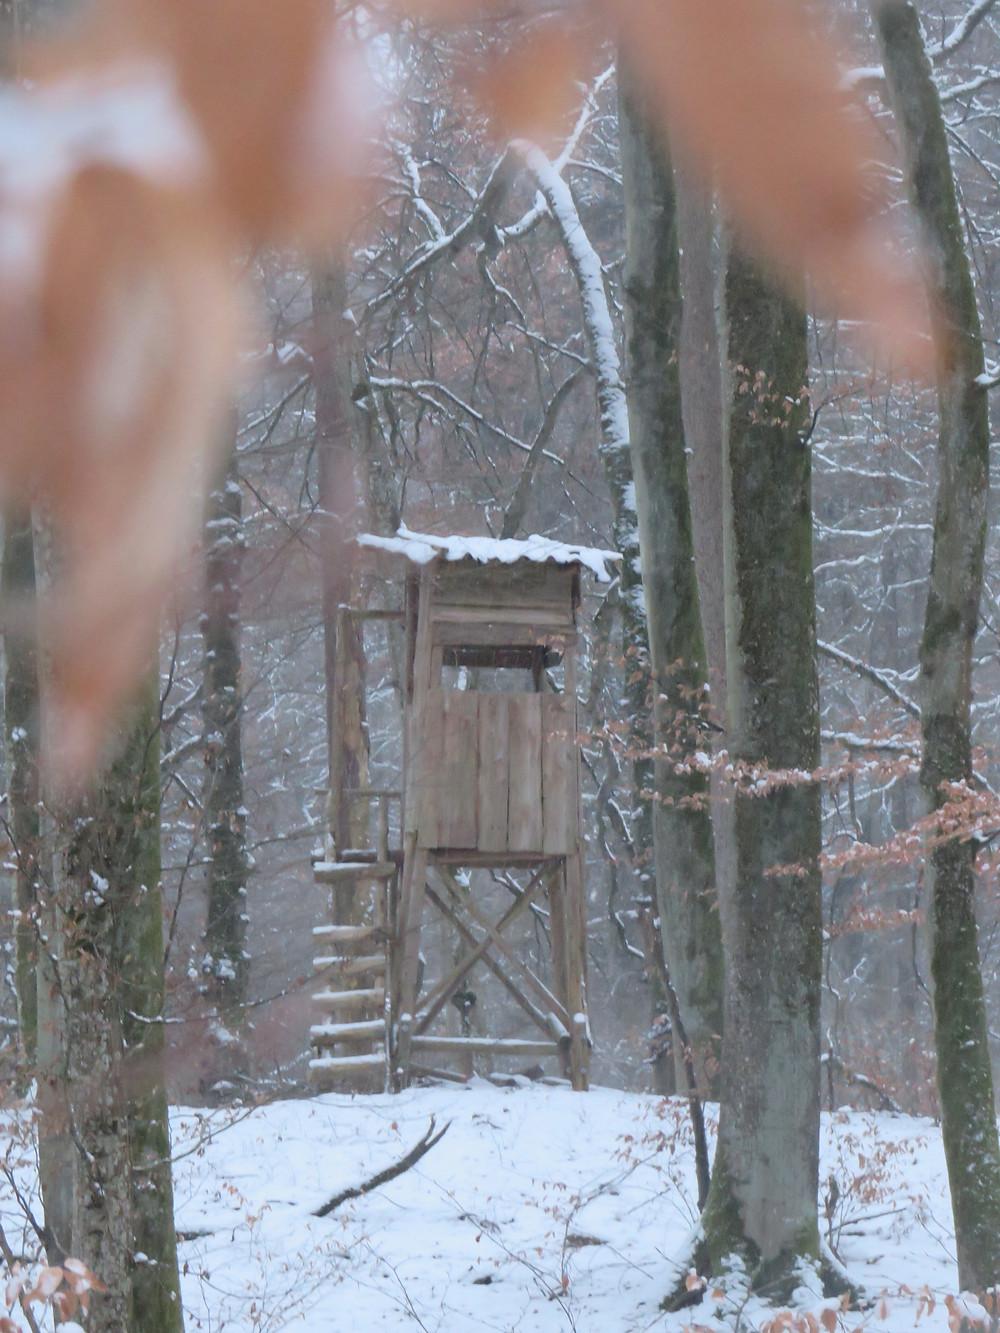 Hochsitz von Jägern im Wald bei Allensbach/Konstanz